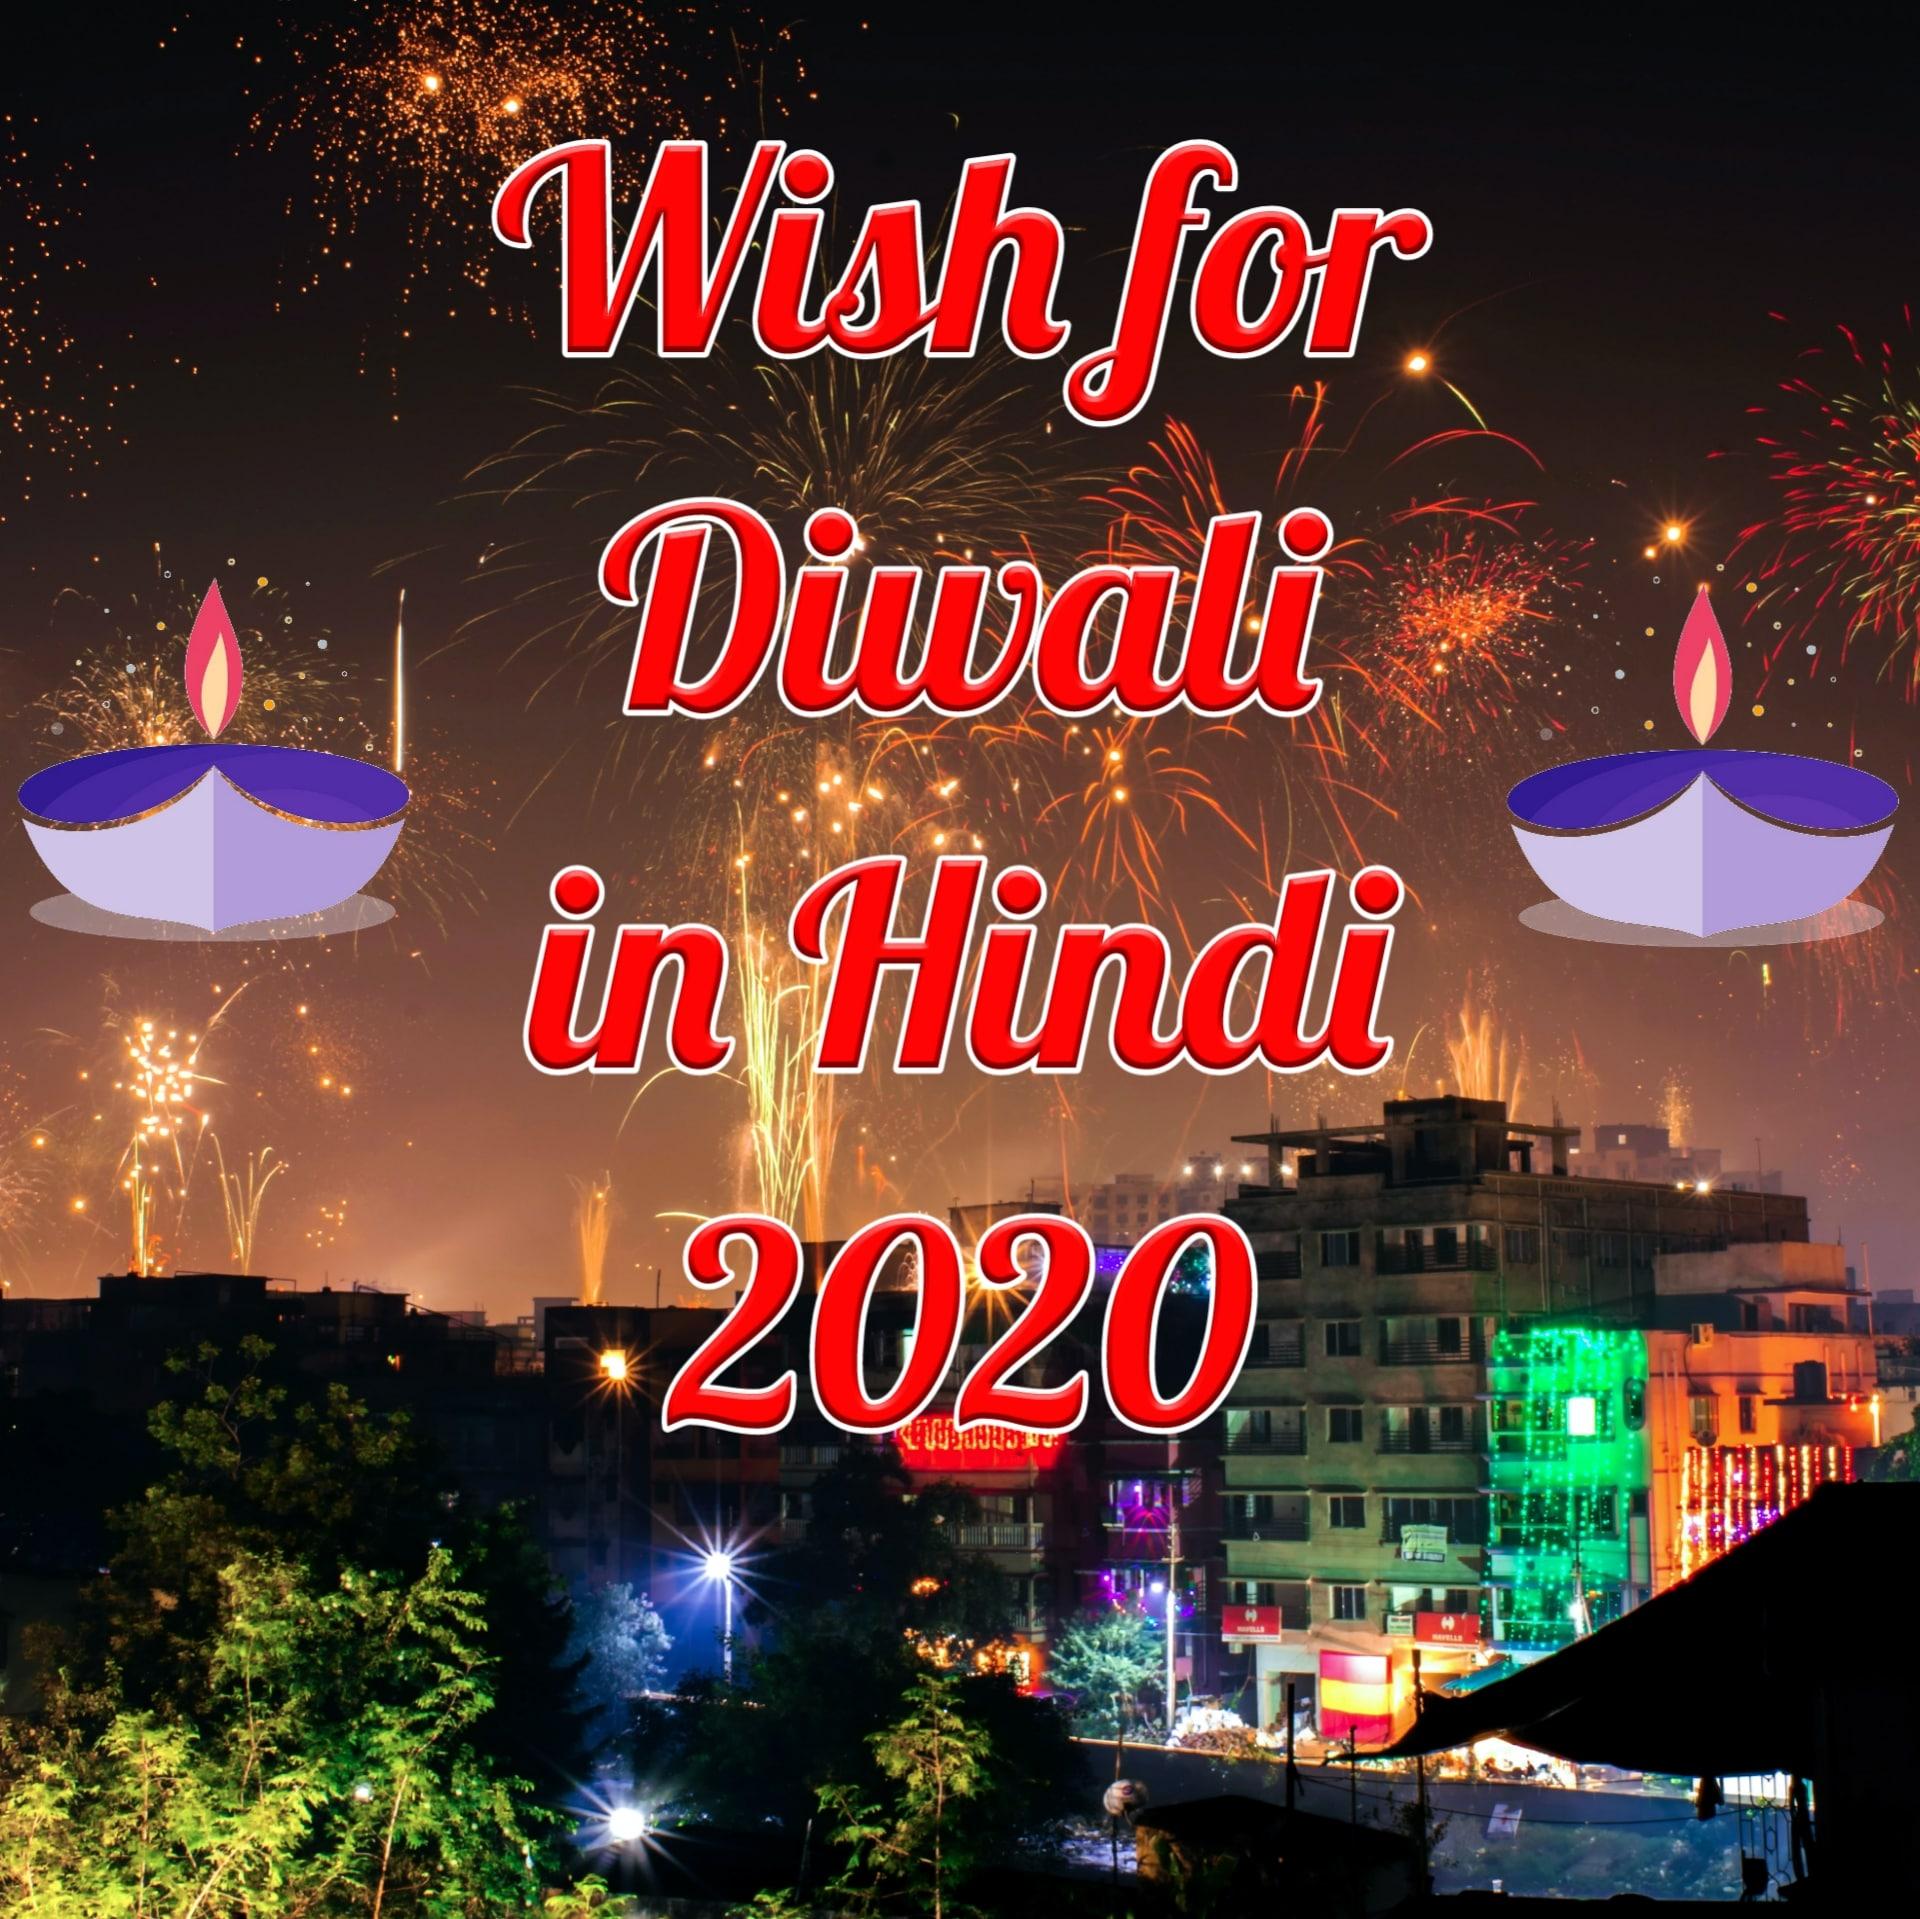 Wish for Diwali in Hindi 2020